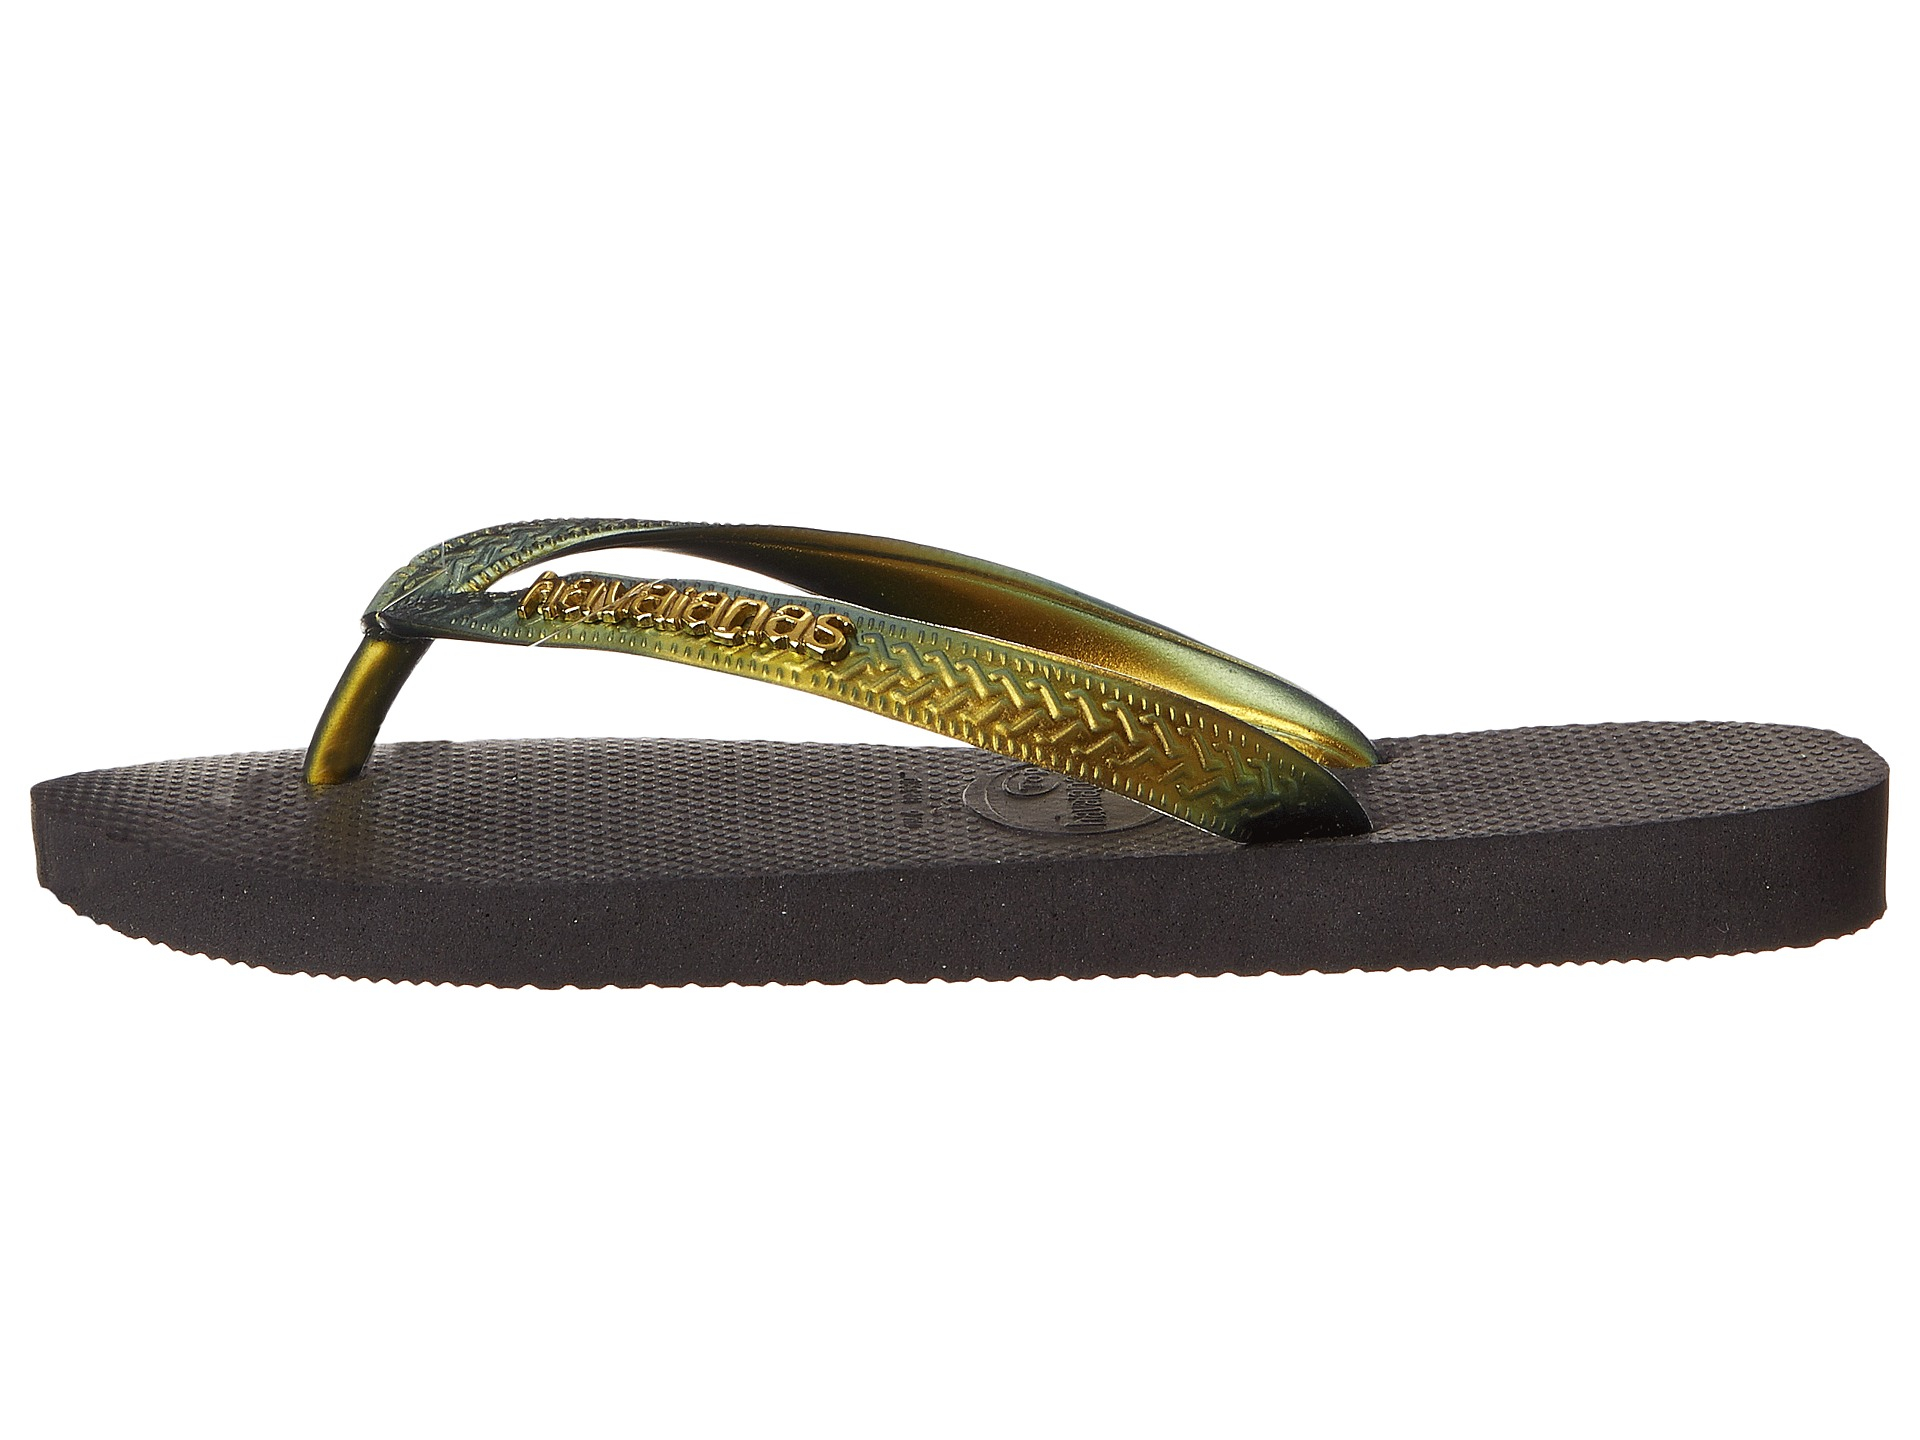 f43b4b512 Lyst - Havaianas Top Furta Cor Flip Flop in Metallic